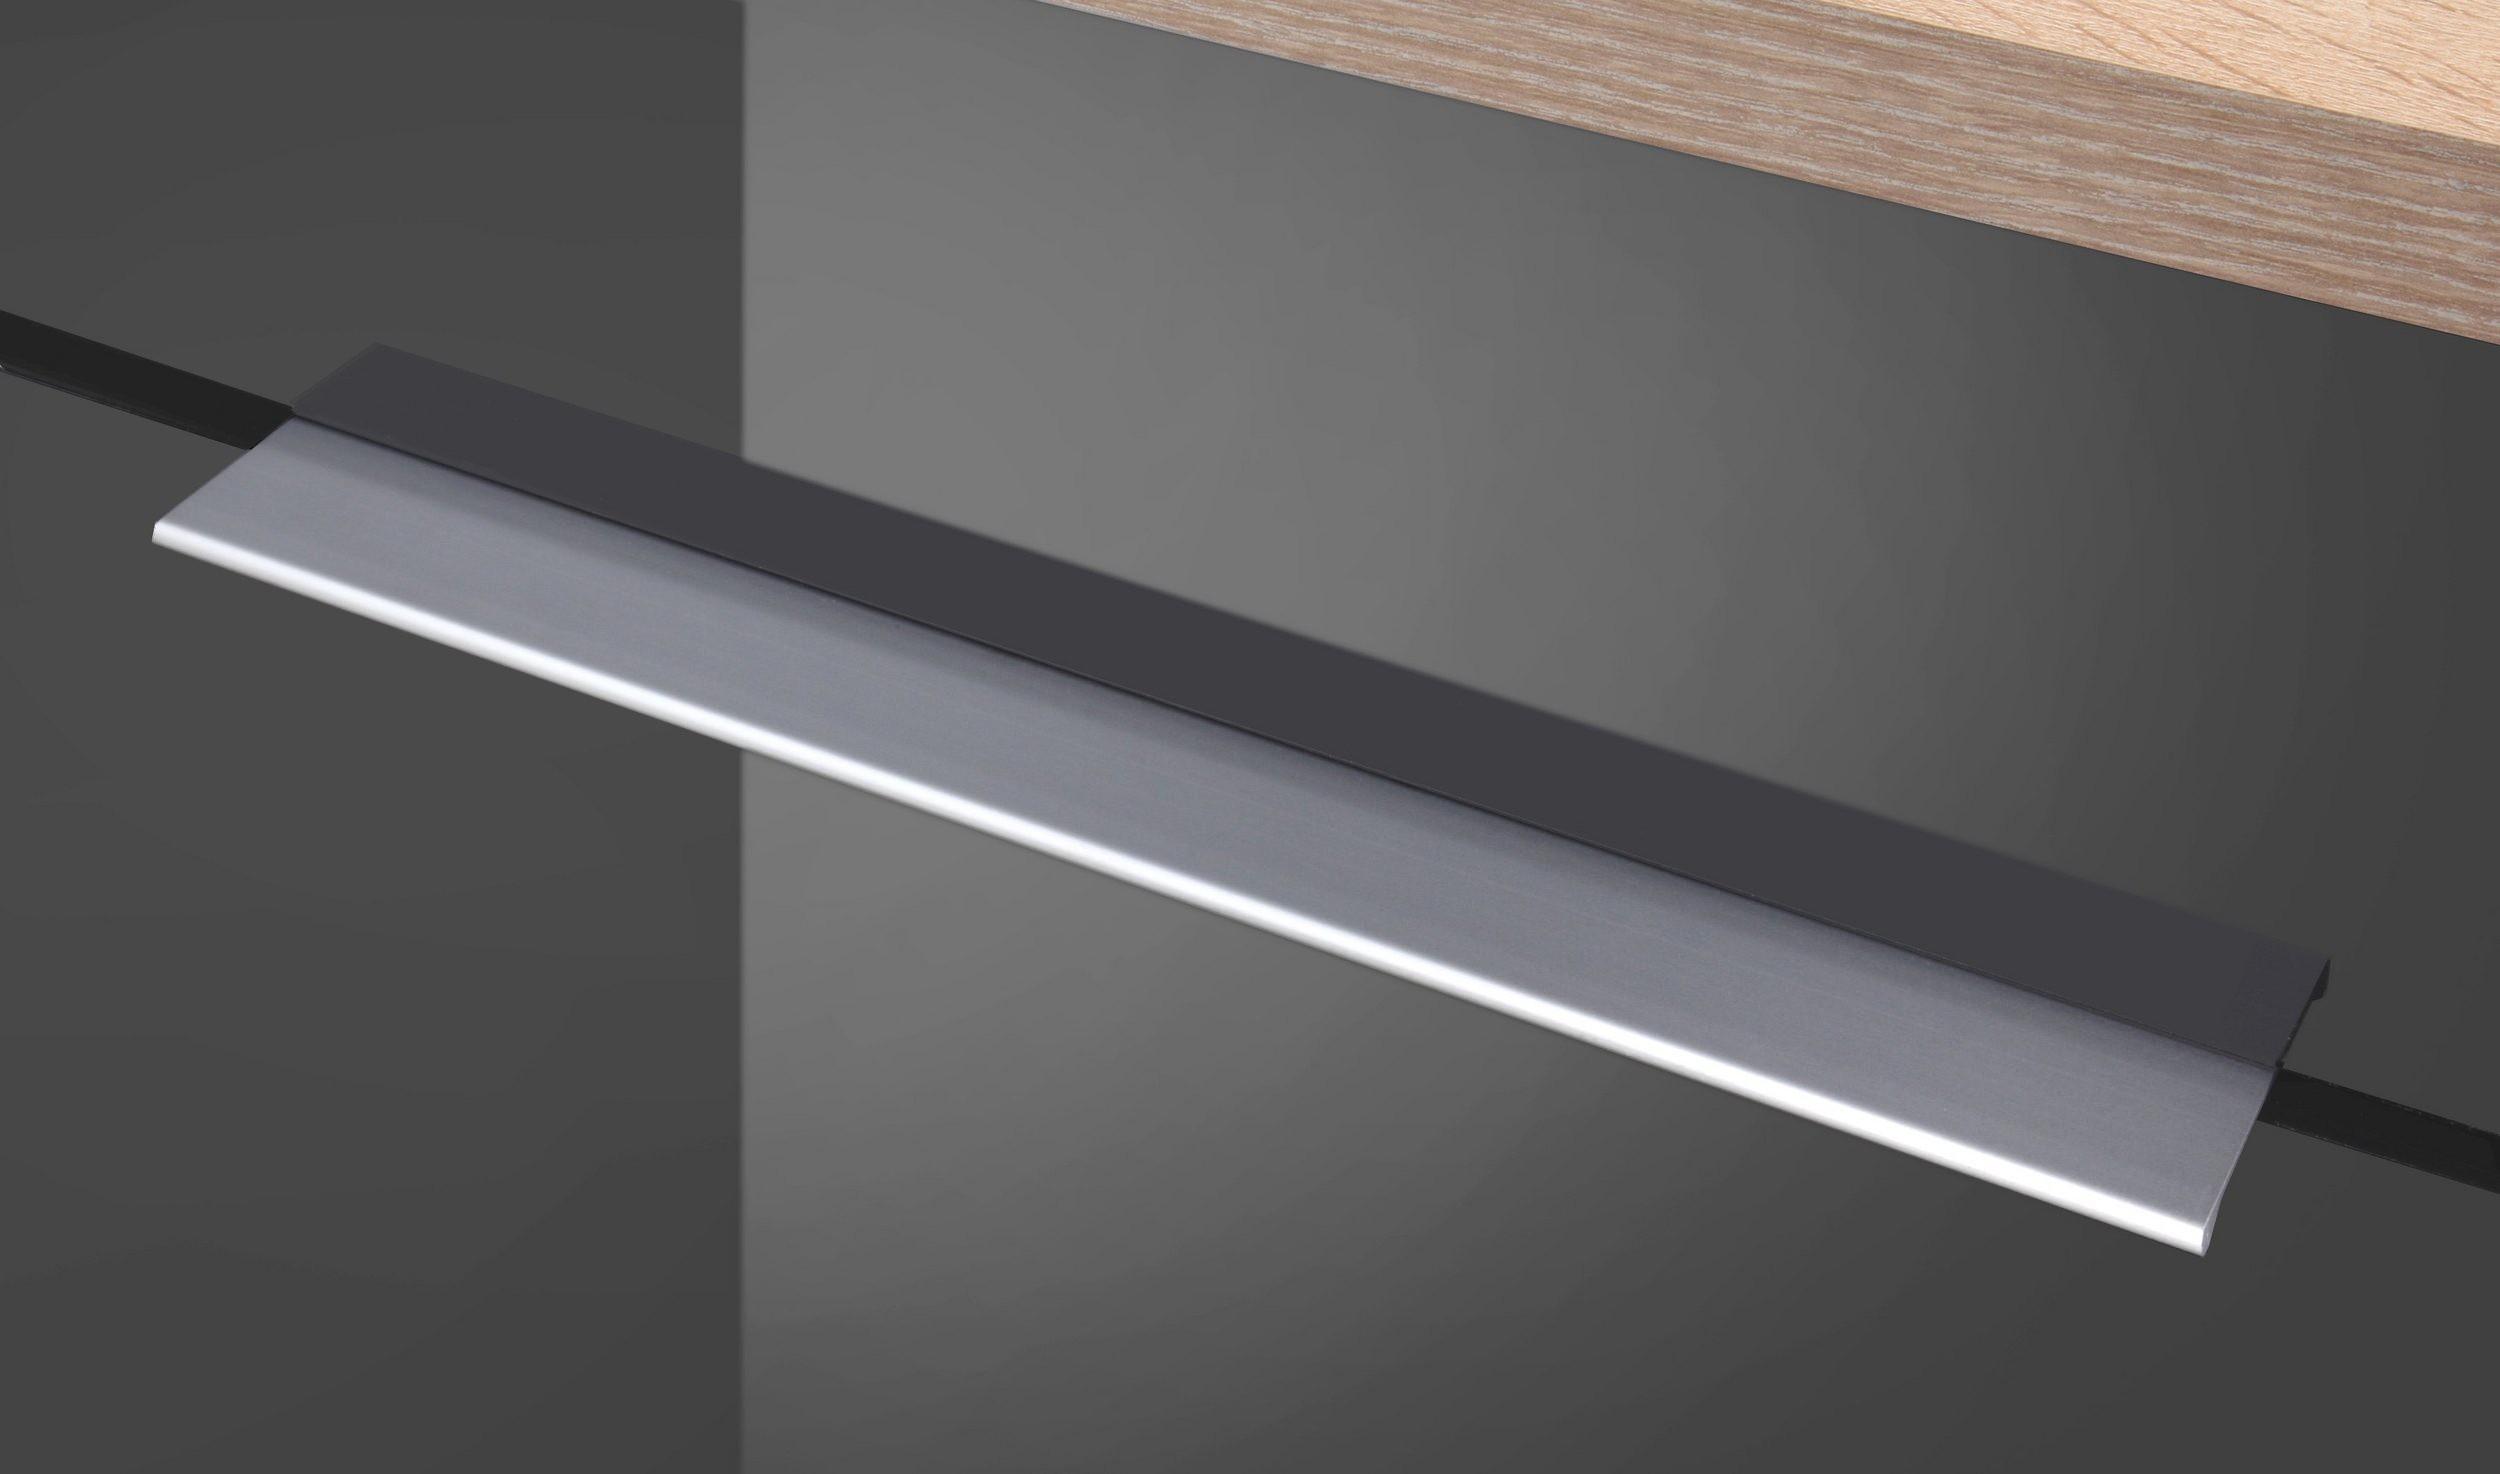 k chen unterschrank hamburg f r kochfeld 60 cm breit hochglanz grau k che k chen unterschr nke. Black Bedroom Furniture Sets. Home Design Ideas